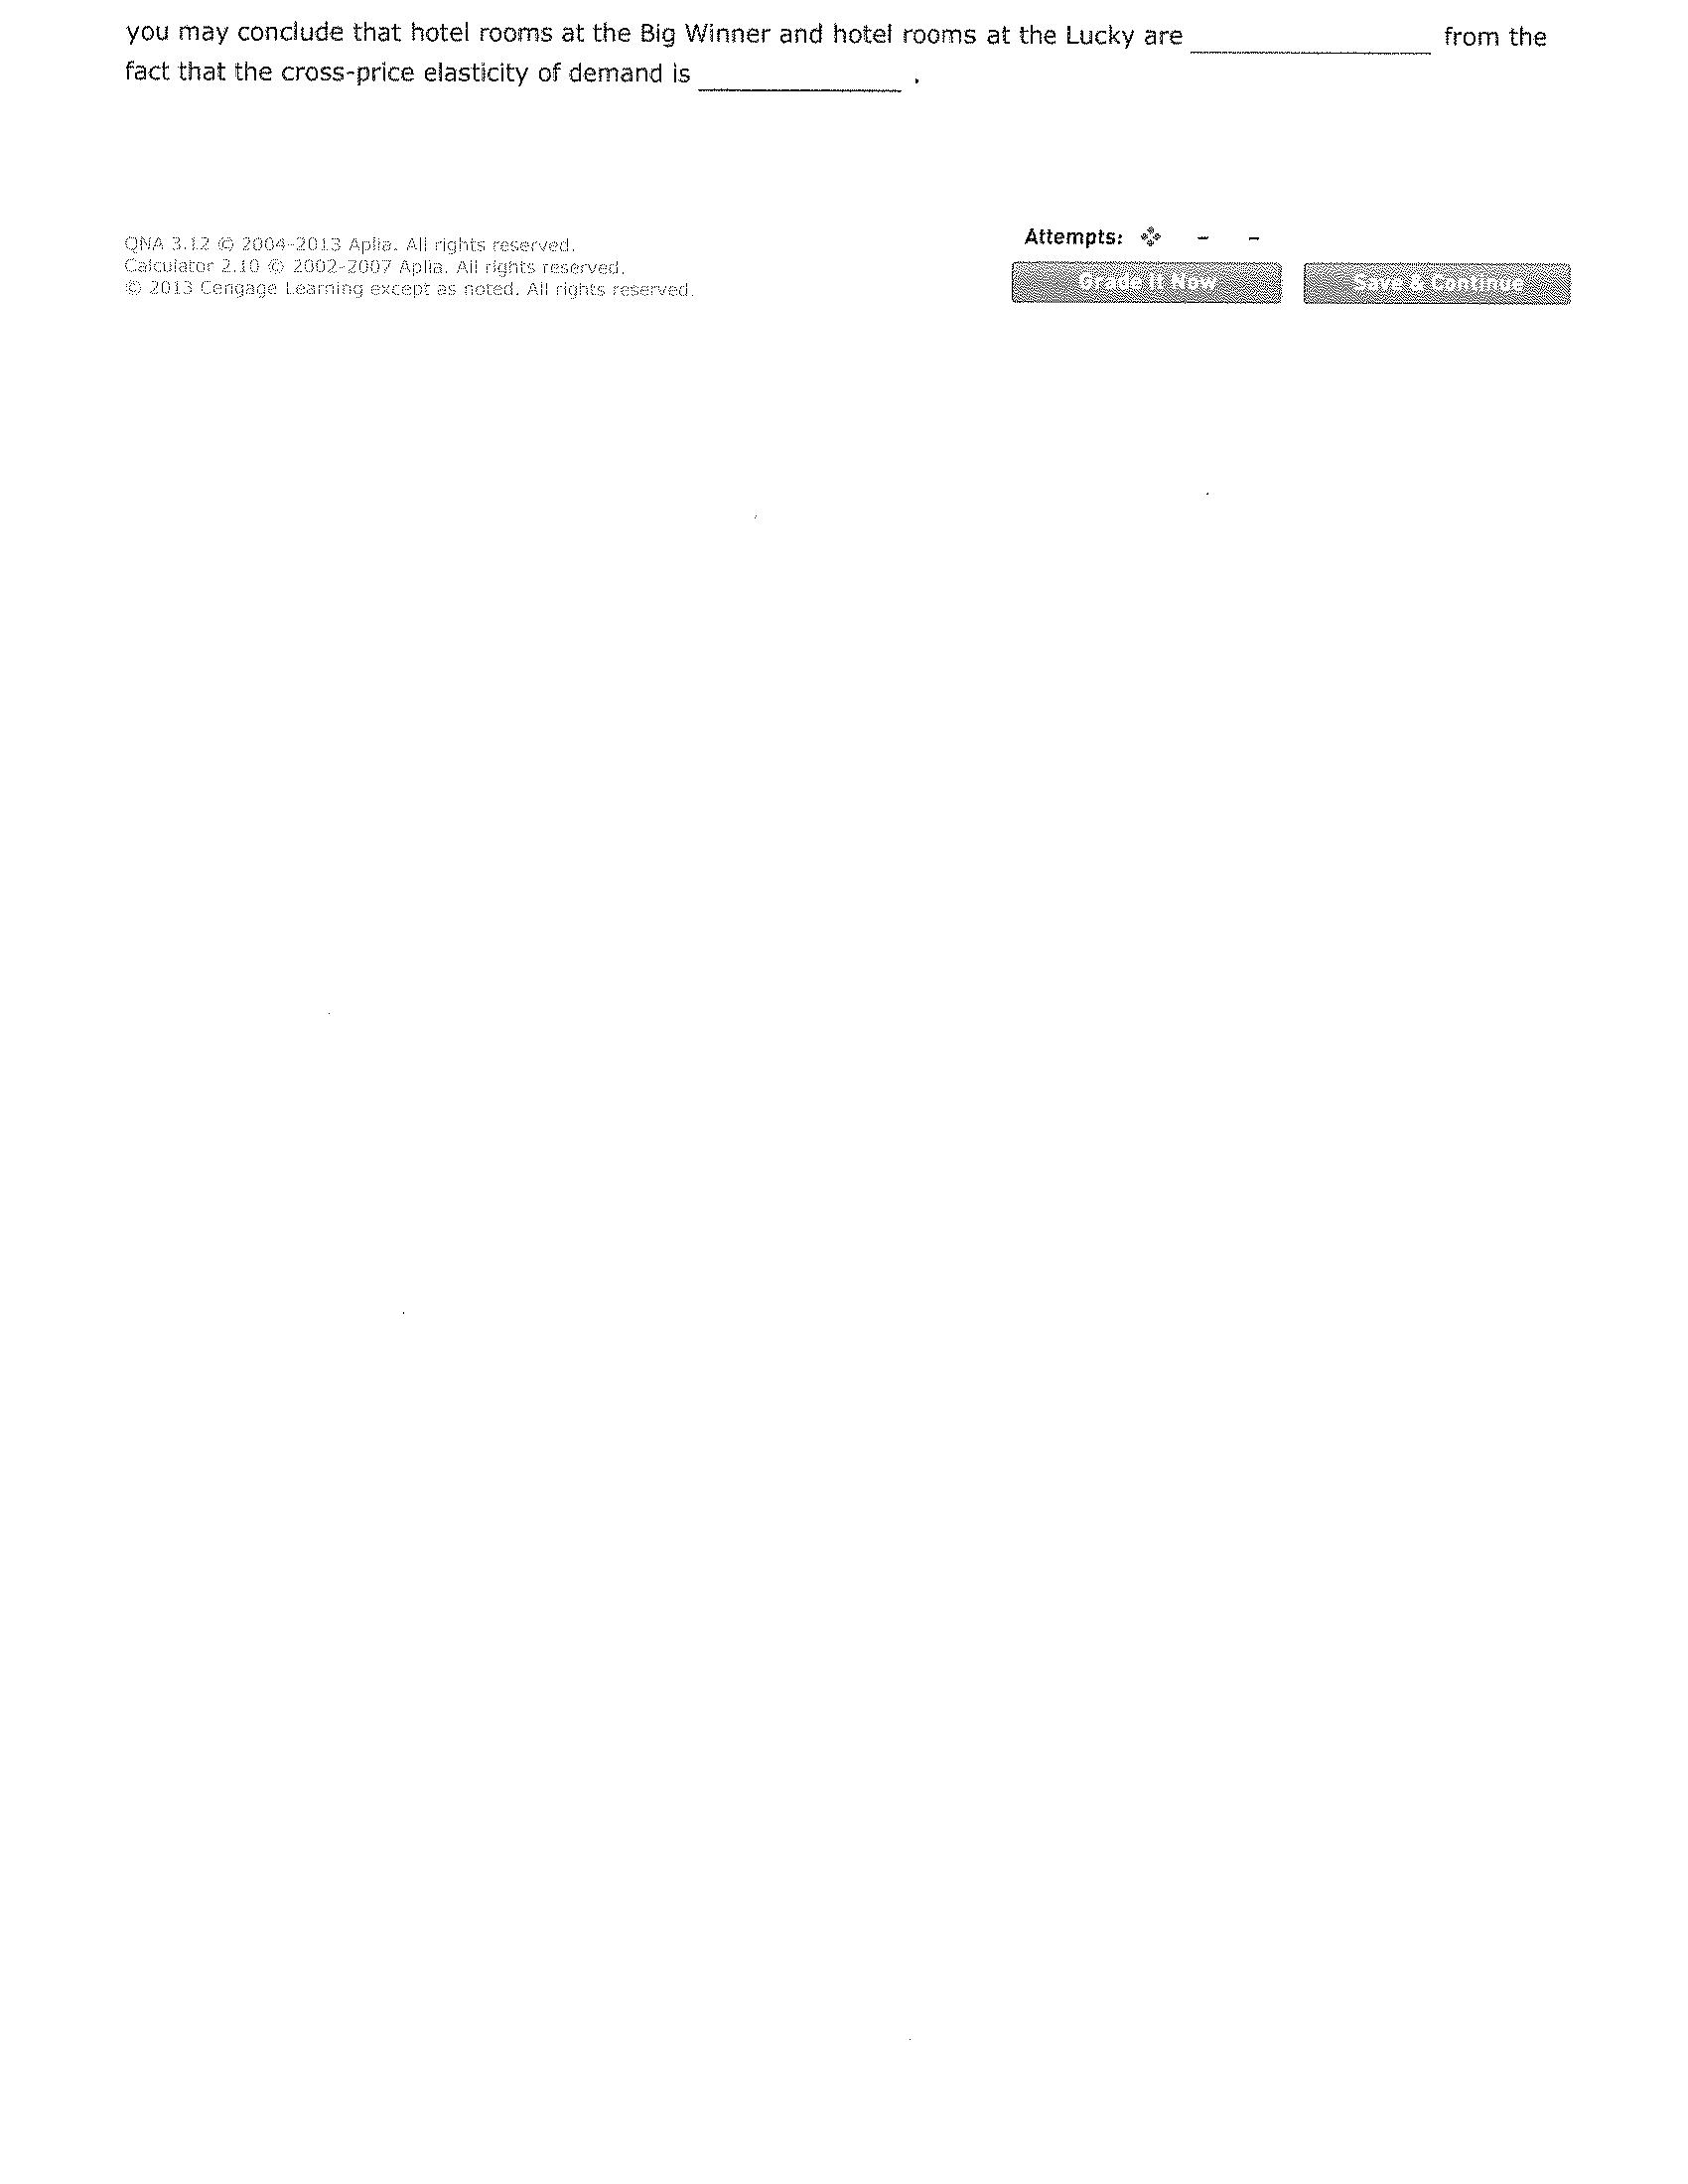 media/dcc/dcc2b00c-6d8d-462e-8a36-6f